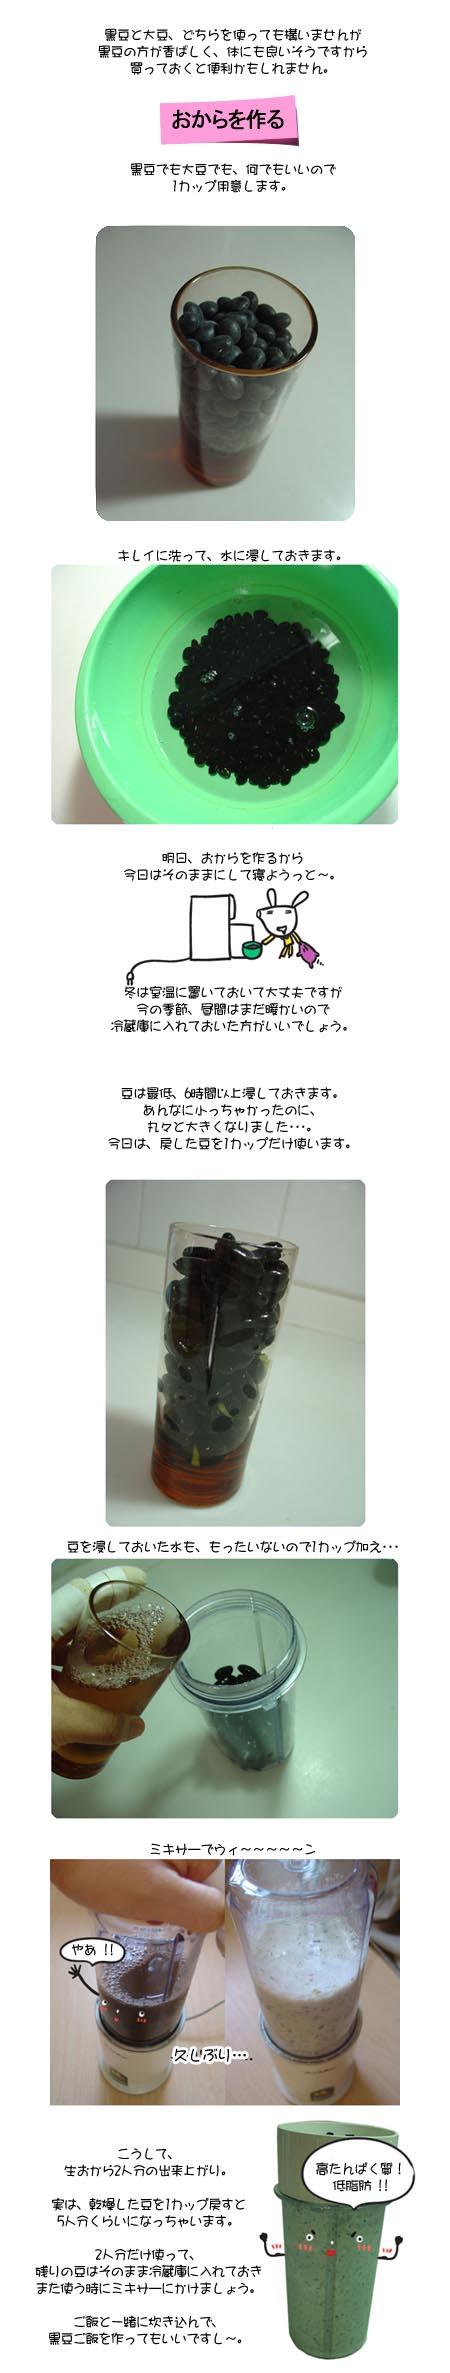 コンビジチゲ(おからチゲ)